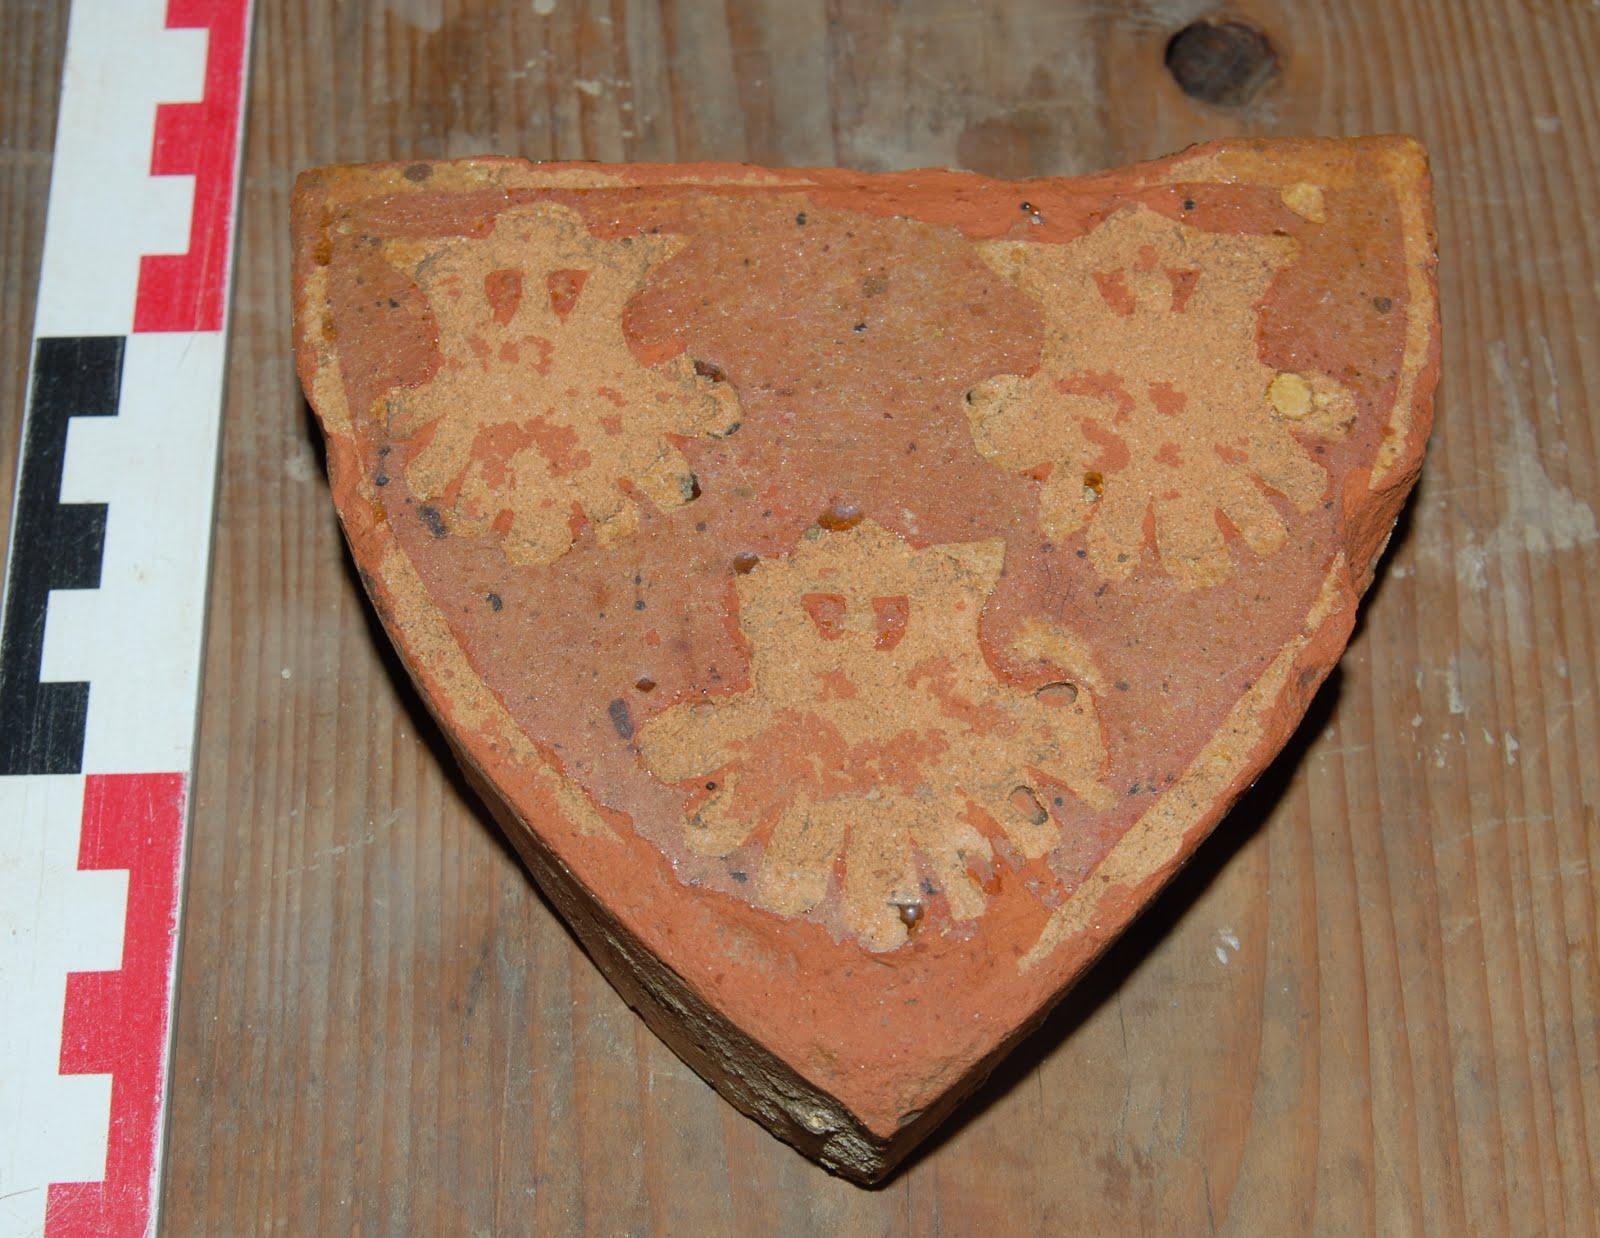 Le blason aux trois barbus: une intrigue autour des fouilles archéologiques du château de Viarmes